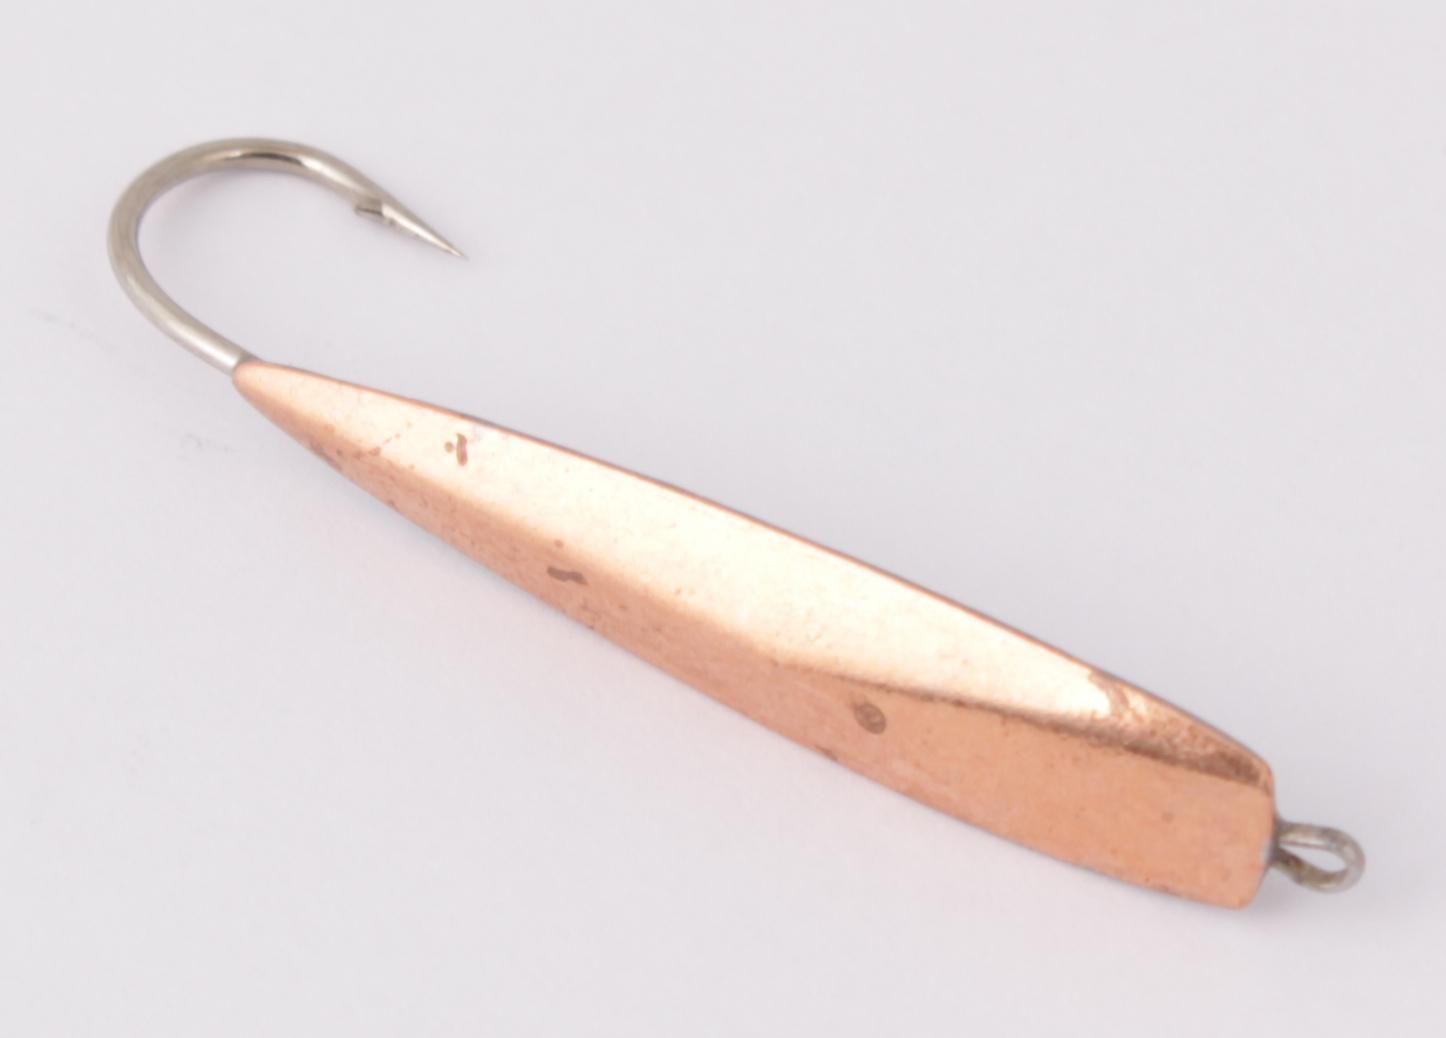 Блесна зимняя DIXXON-RUS Катет-2 (медь)(2,3г) (3шт) Блесны<br>Блесна для отвесного блеснения рыбы. Оснащена <br>впаянным двойным крючком. Вес - 2,3 г Цвет <br>- медь<br>